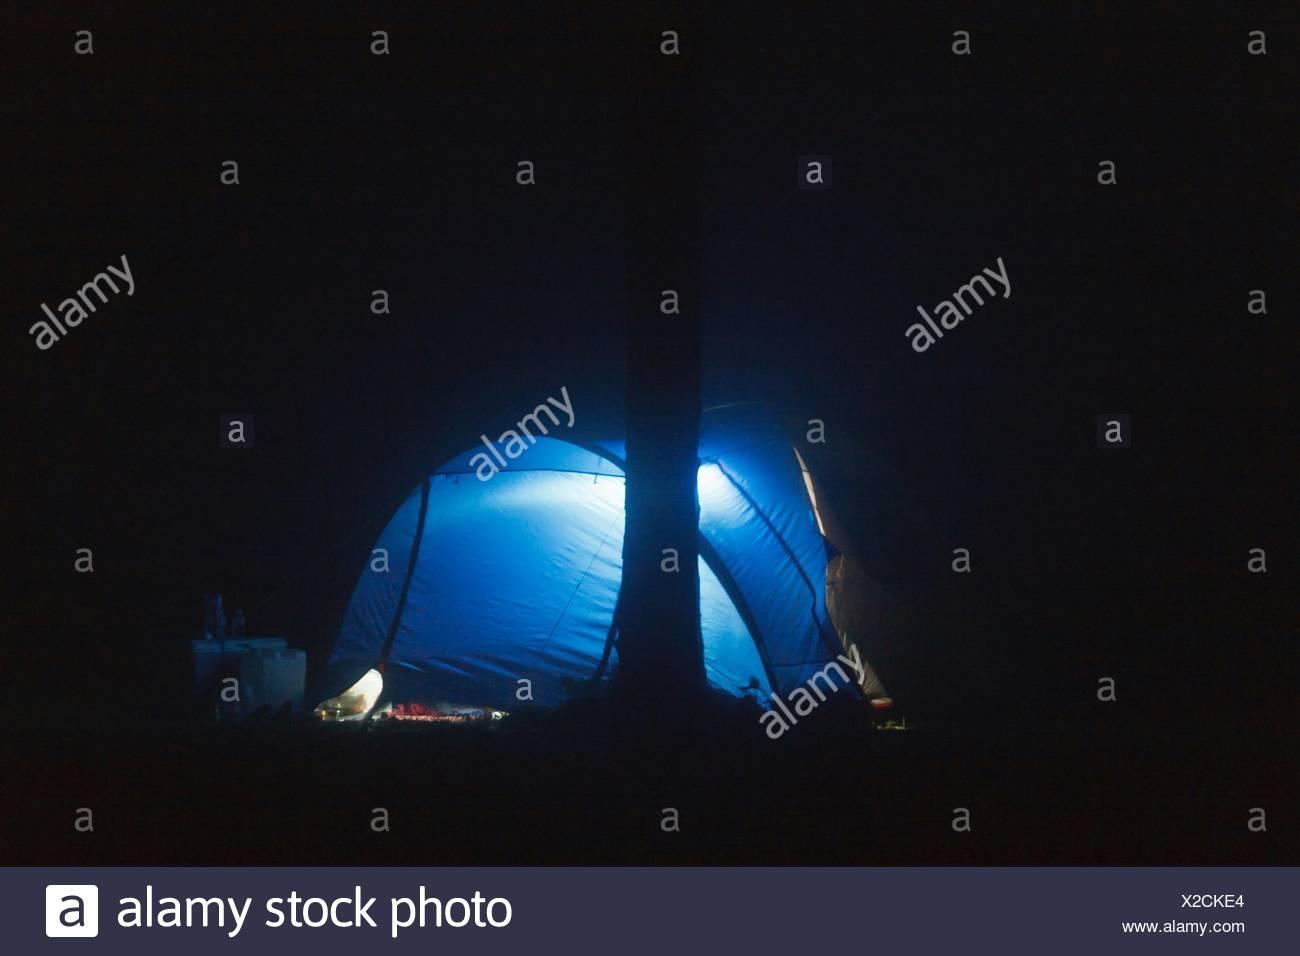 La cúpula iluminada azul carpa en el campo de noche Imagen De Stock